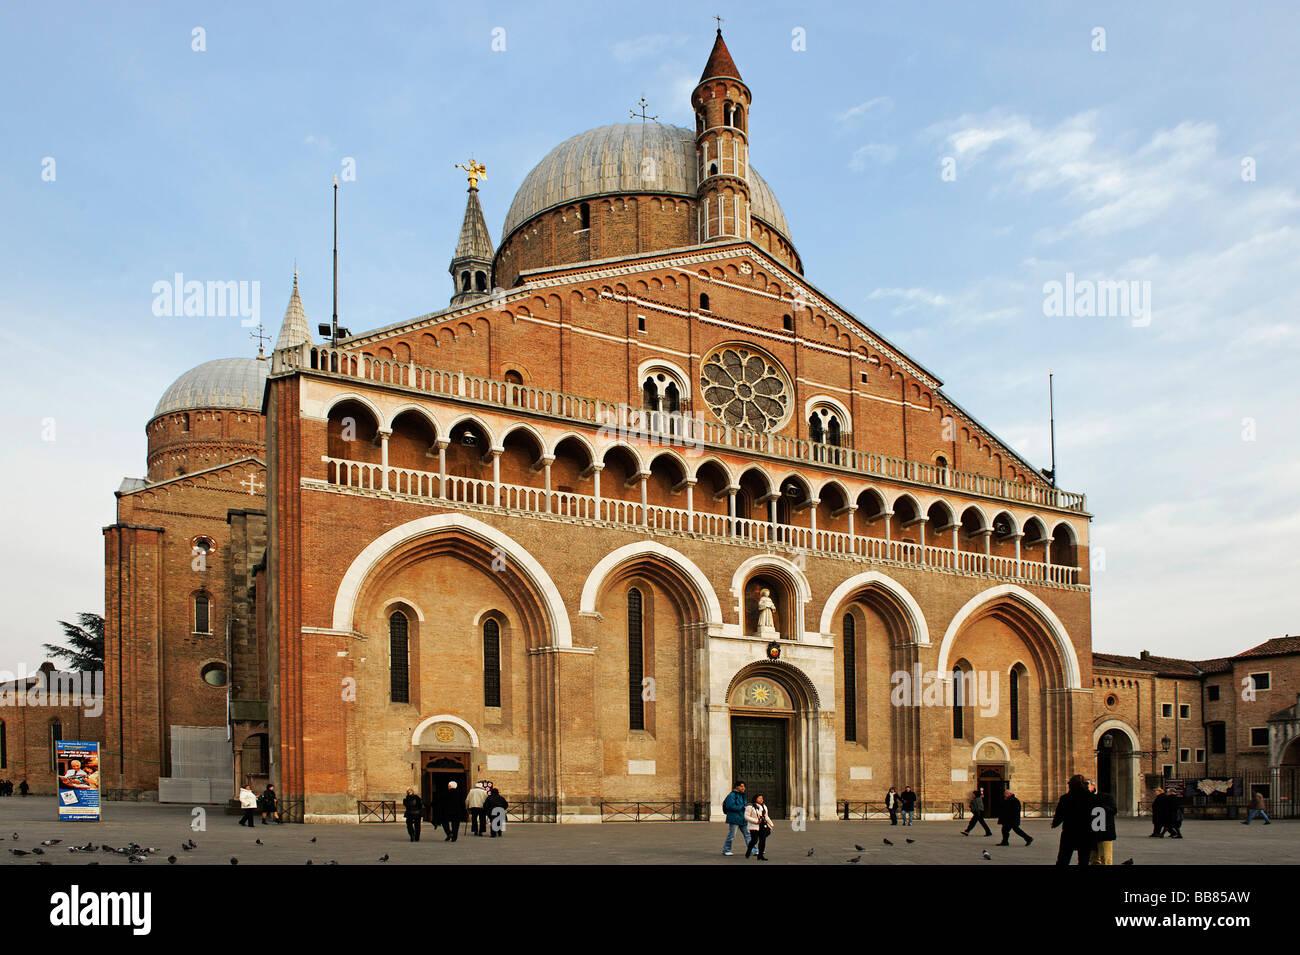 Western front with main gate, Basilica of Saint Anthony, Padua, Veneto, Italy, Europe - Stock Image